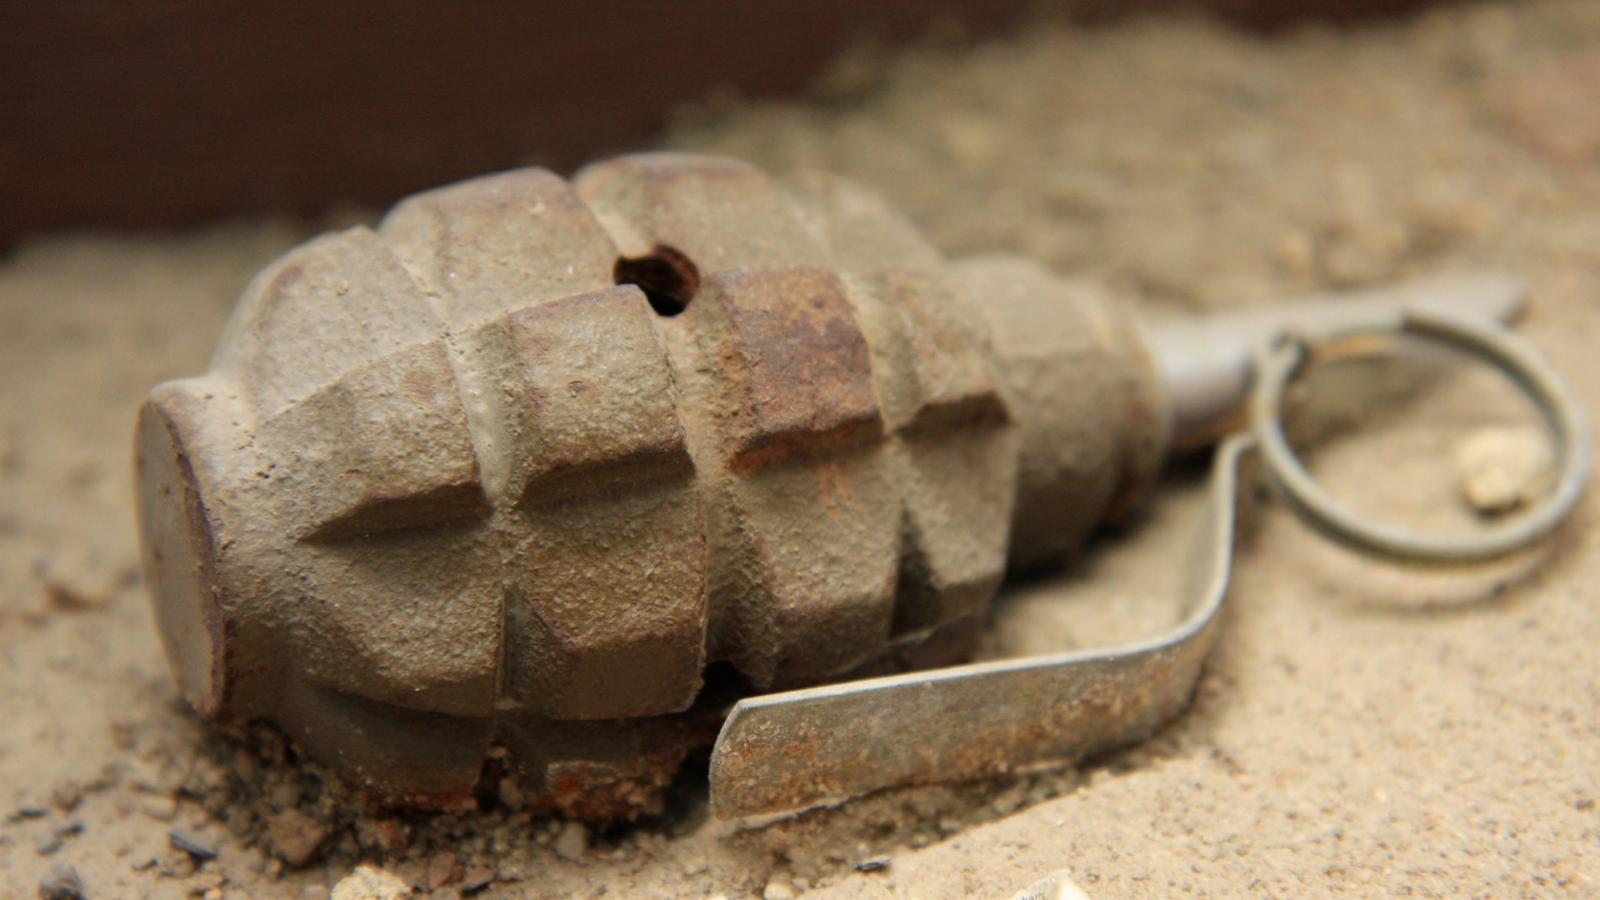 В Бабаево мужчина нашел в своем полу гранату времен Великой Отечественной войны